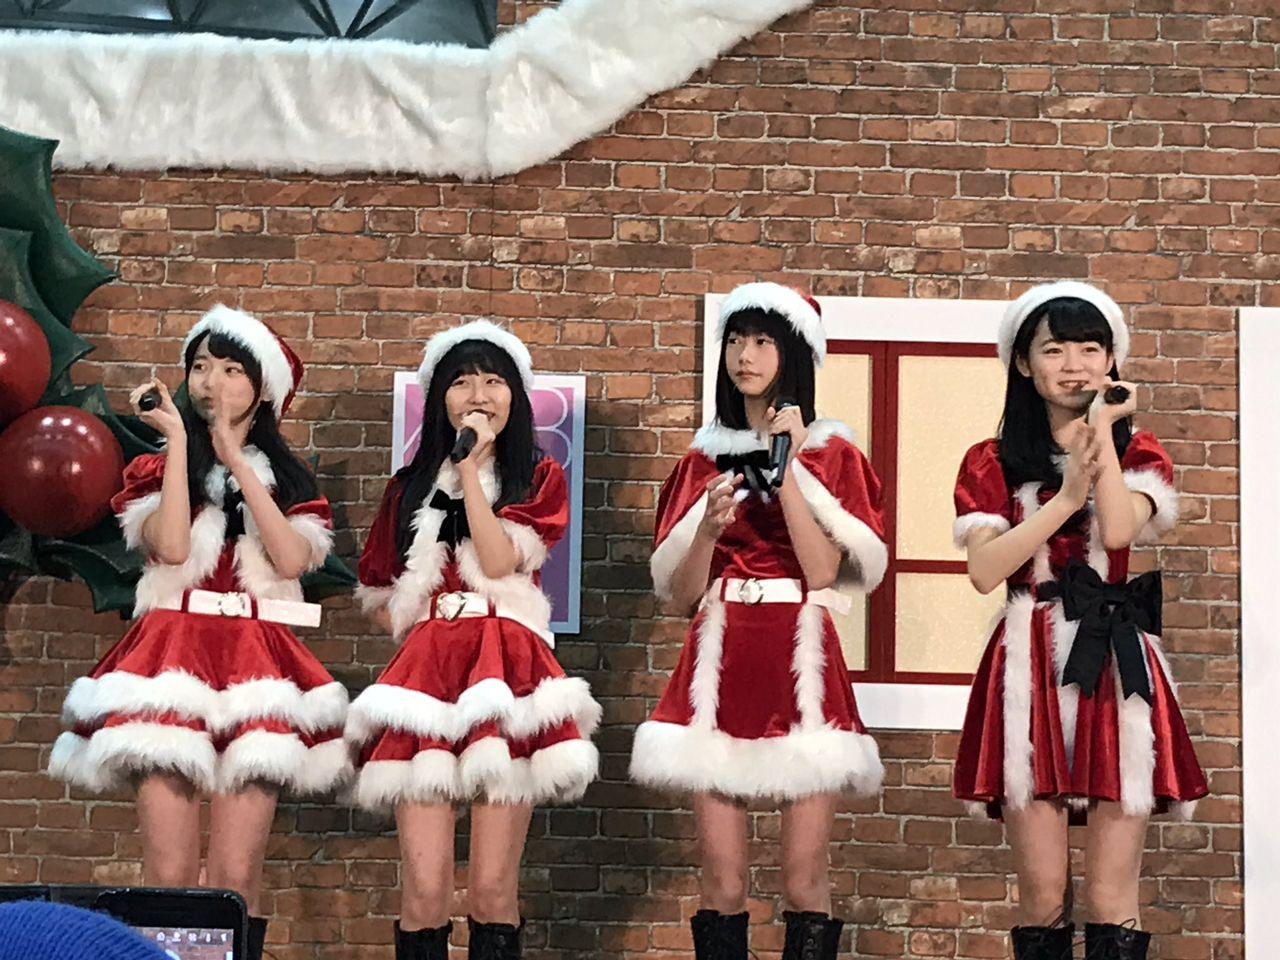 【AKB48】 クリスマスイブに握手会に行く奴wwwwwwwwwwwwwwww